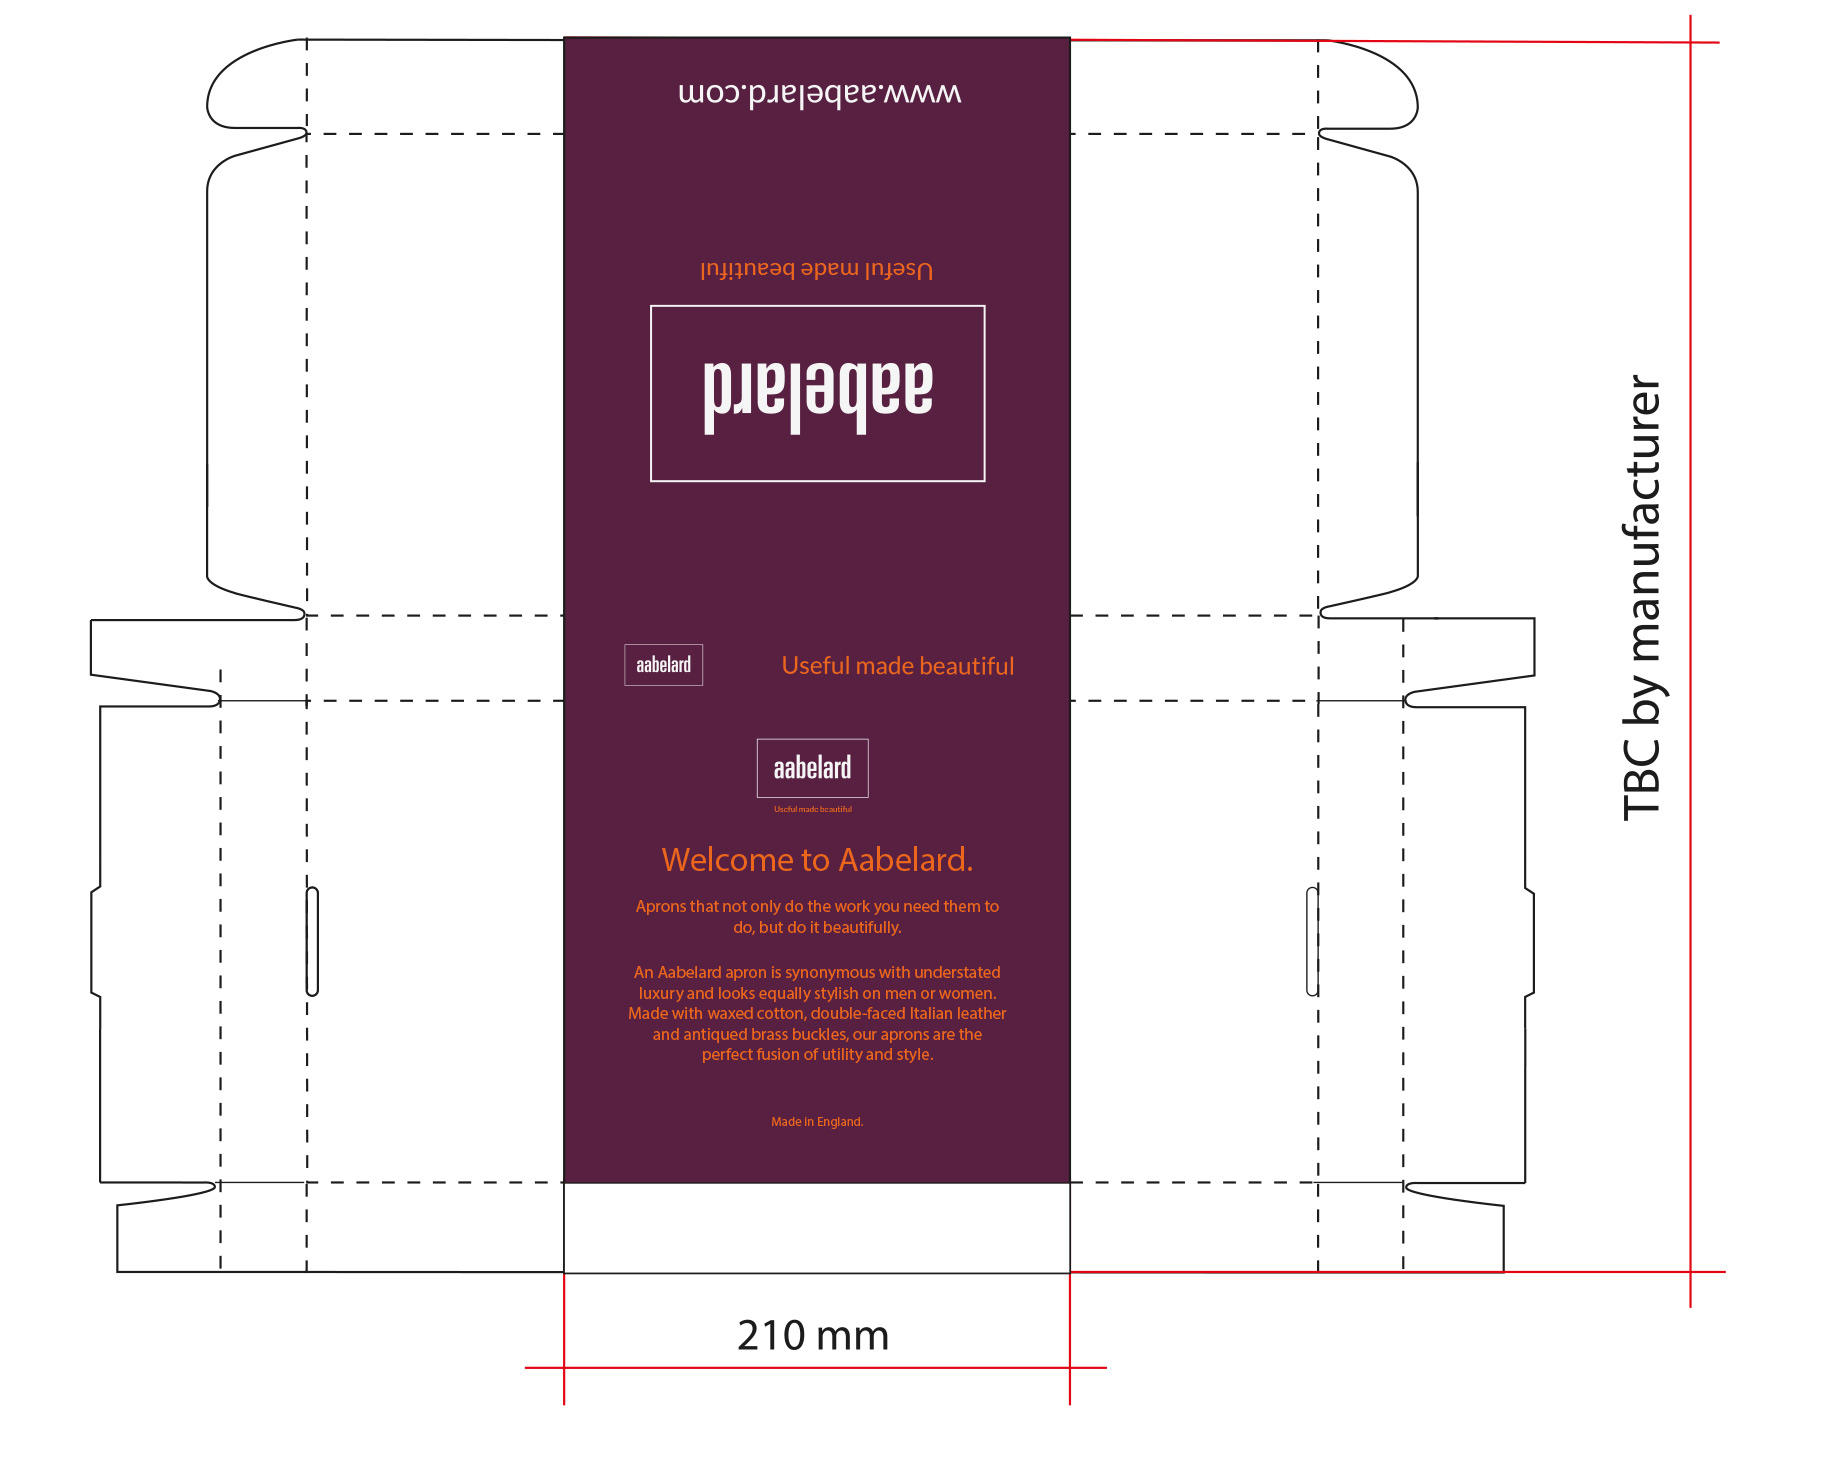 Packaging design for Aabelard